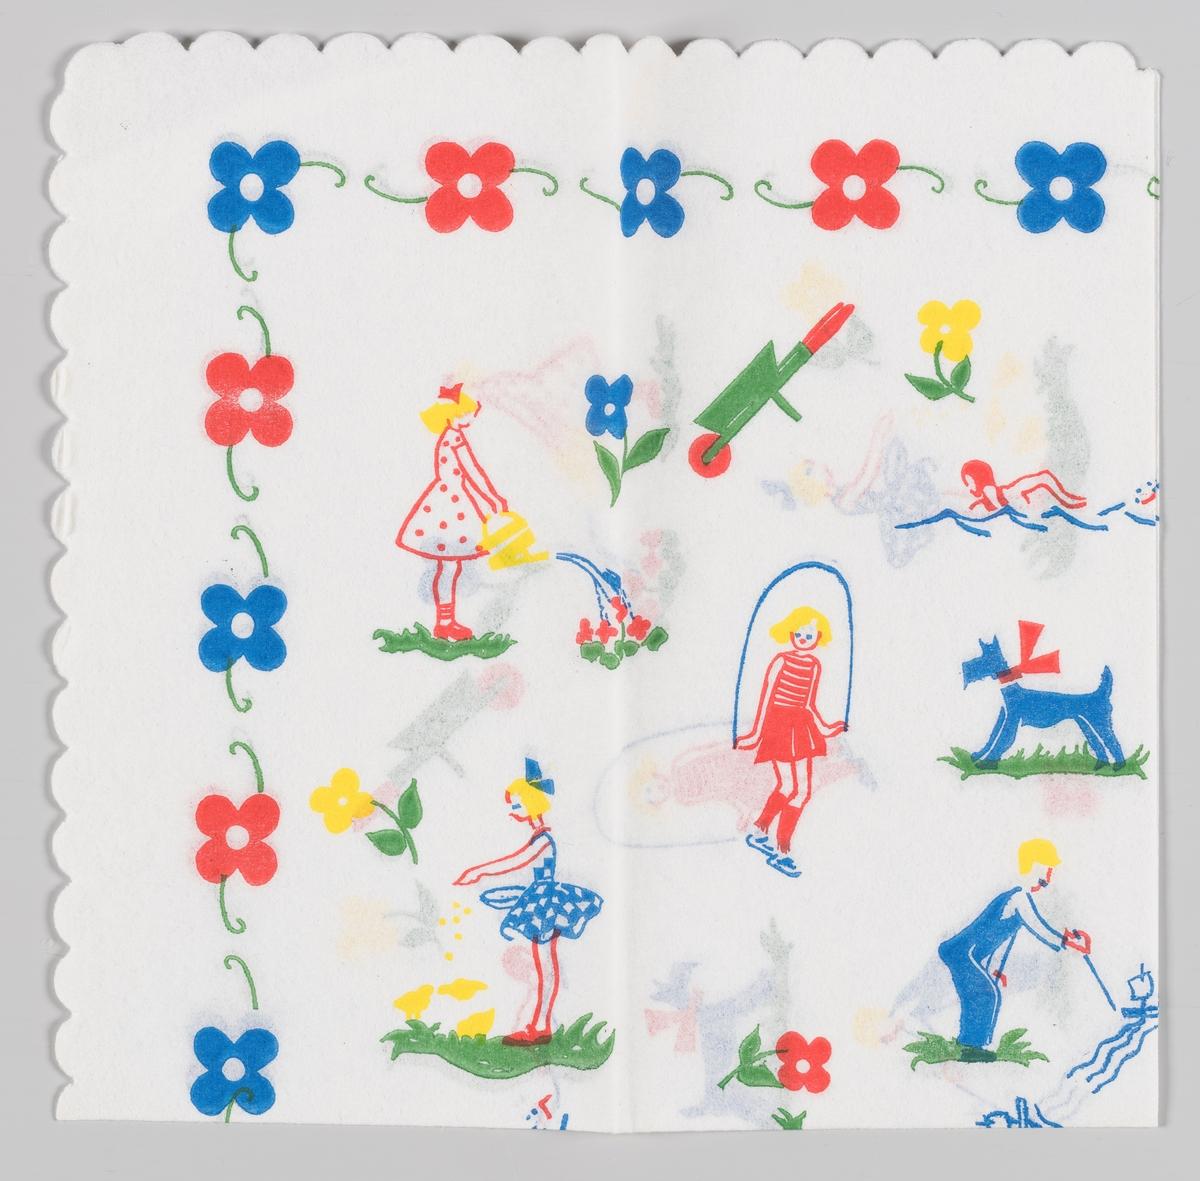 En jente som vanner blomster. En trillebår. En jente som svømmer. En jente som hopper i hoppetau. En hund med sløyfe. En jente som gir kyllinger mat. En gutt som leker med en lekebåt i et vannløp. Røde og blå blomster langs kanten.